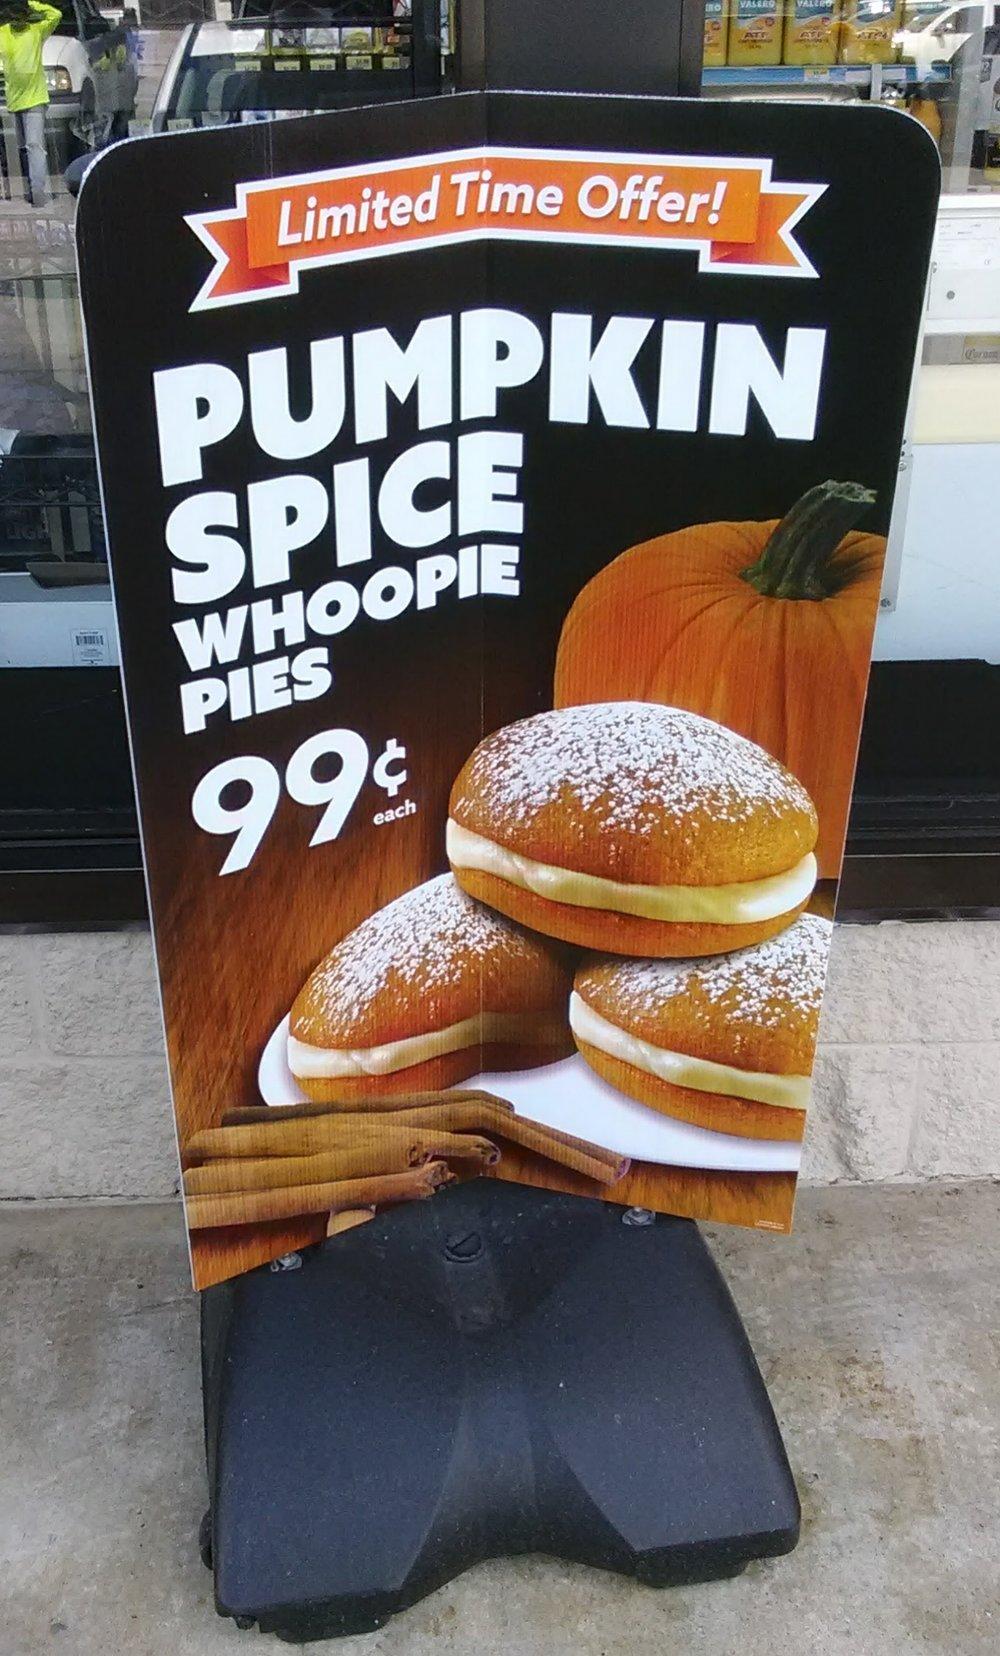 PumpkinWhoopiePie